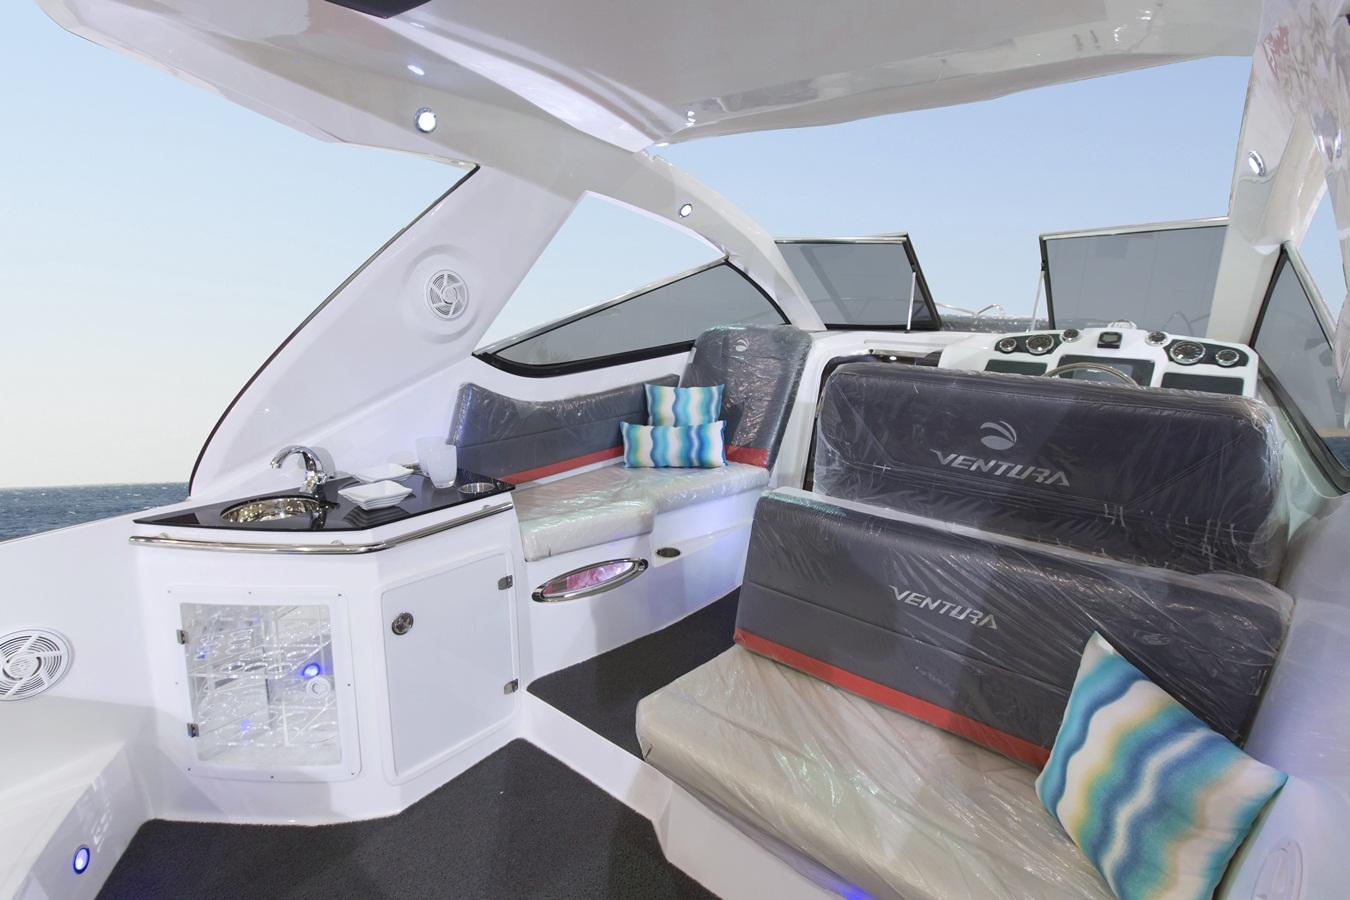 Ventura V350 HT Premium